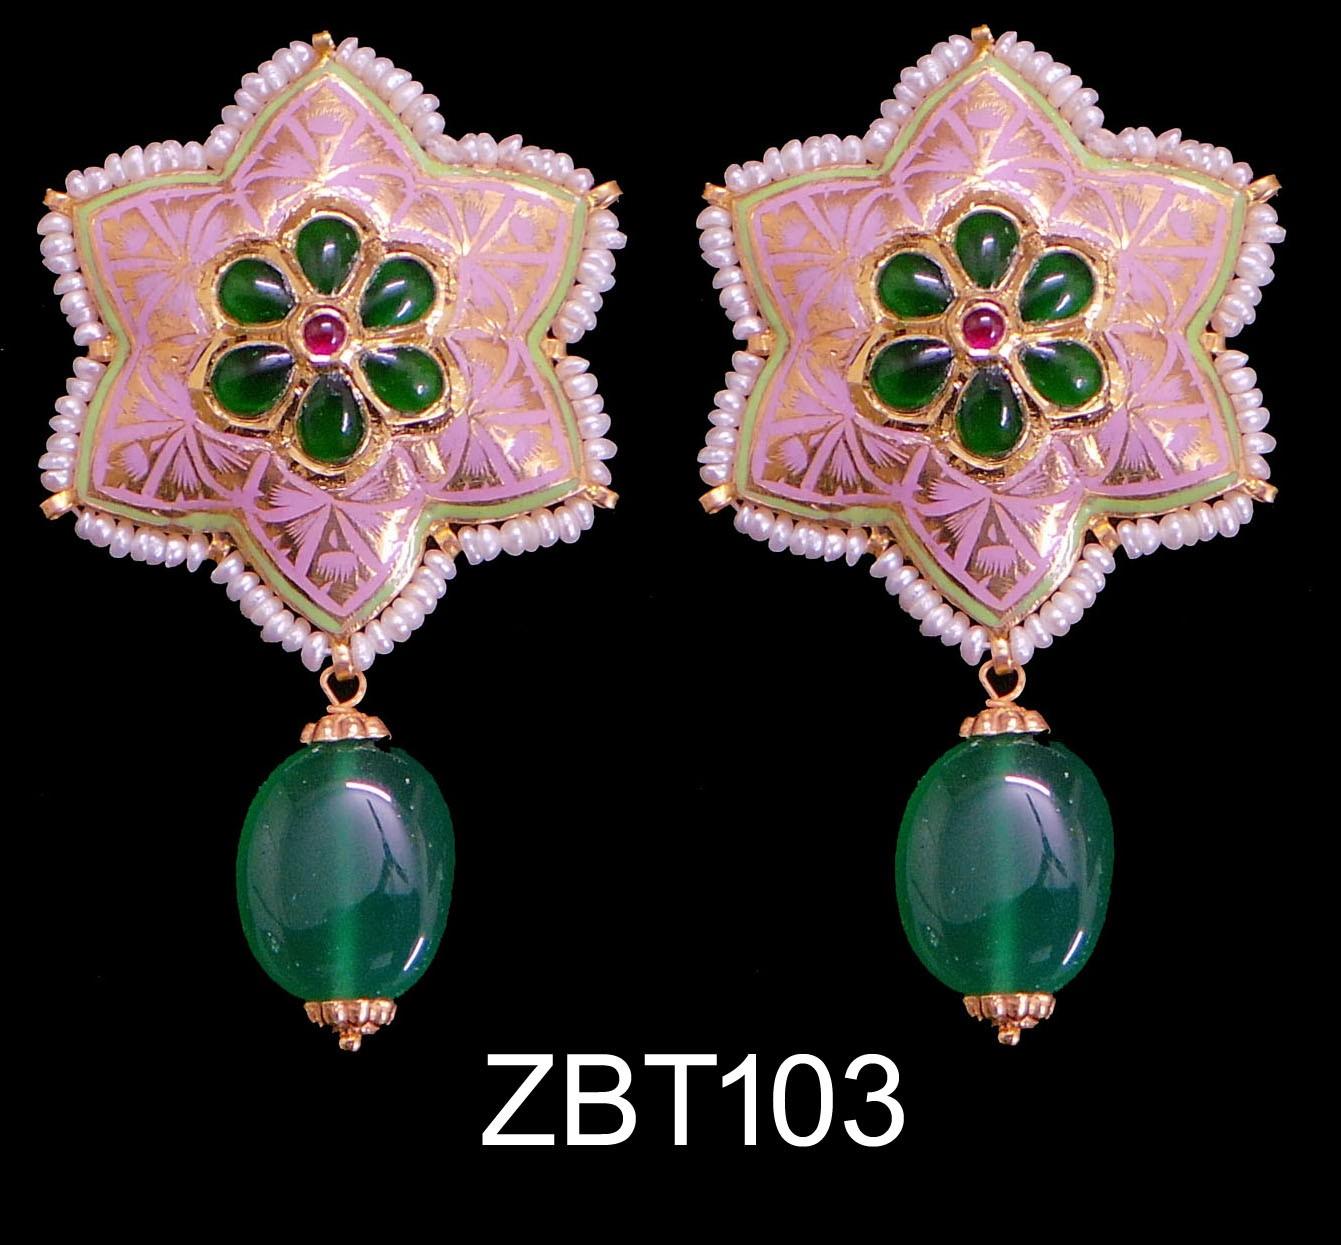 ZBT103